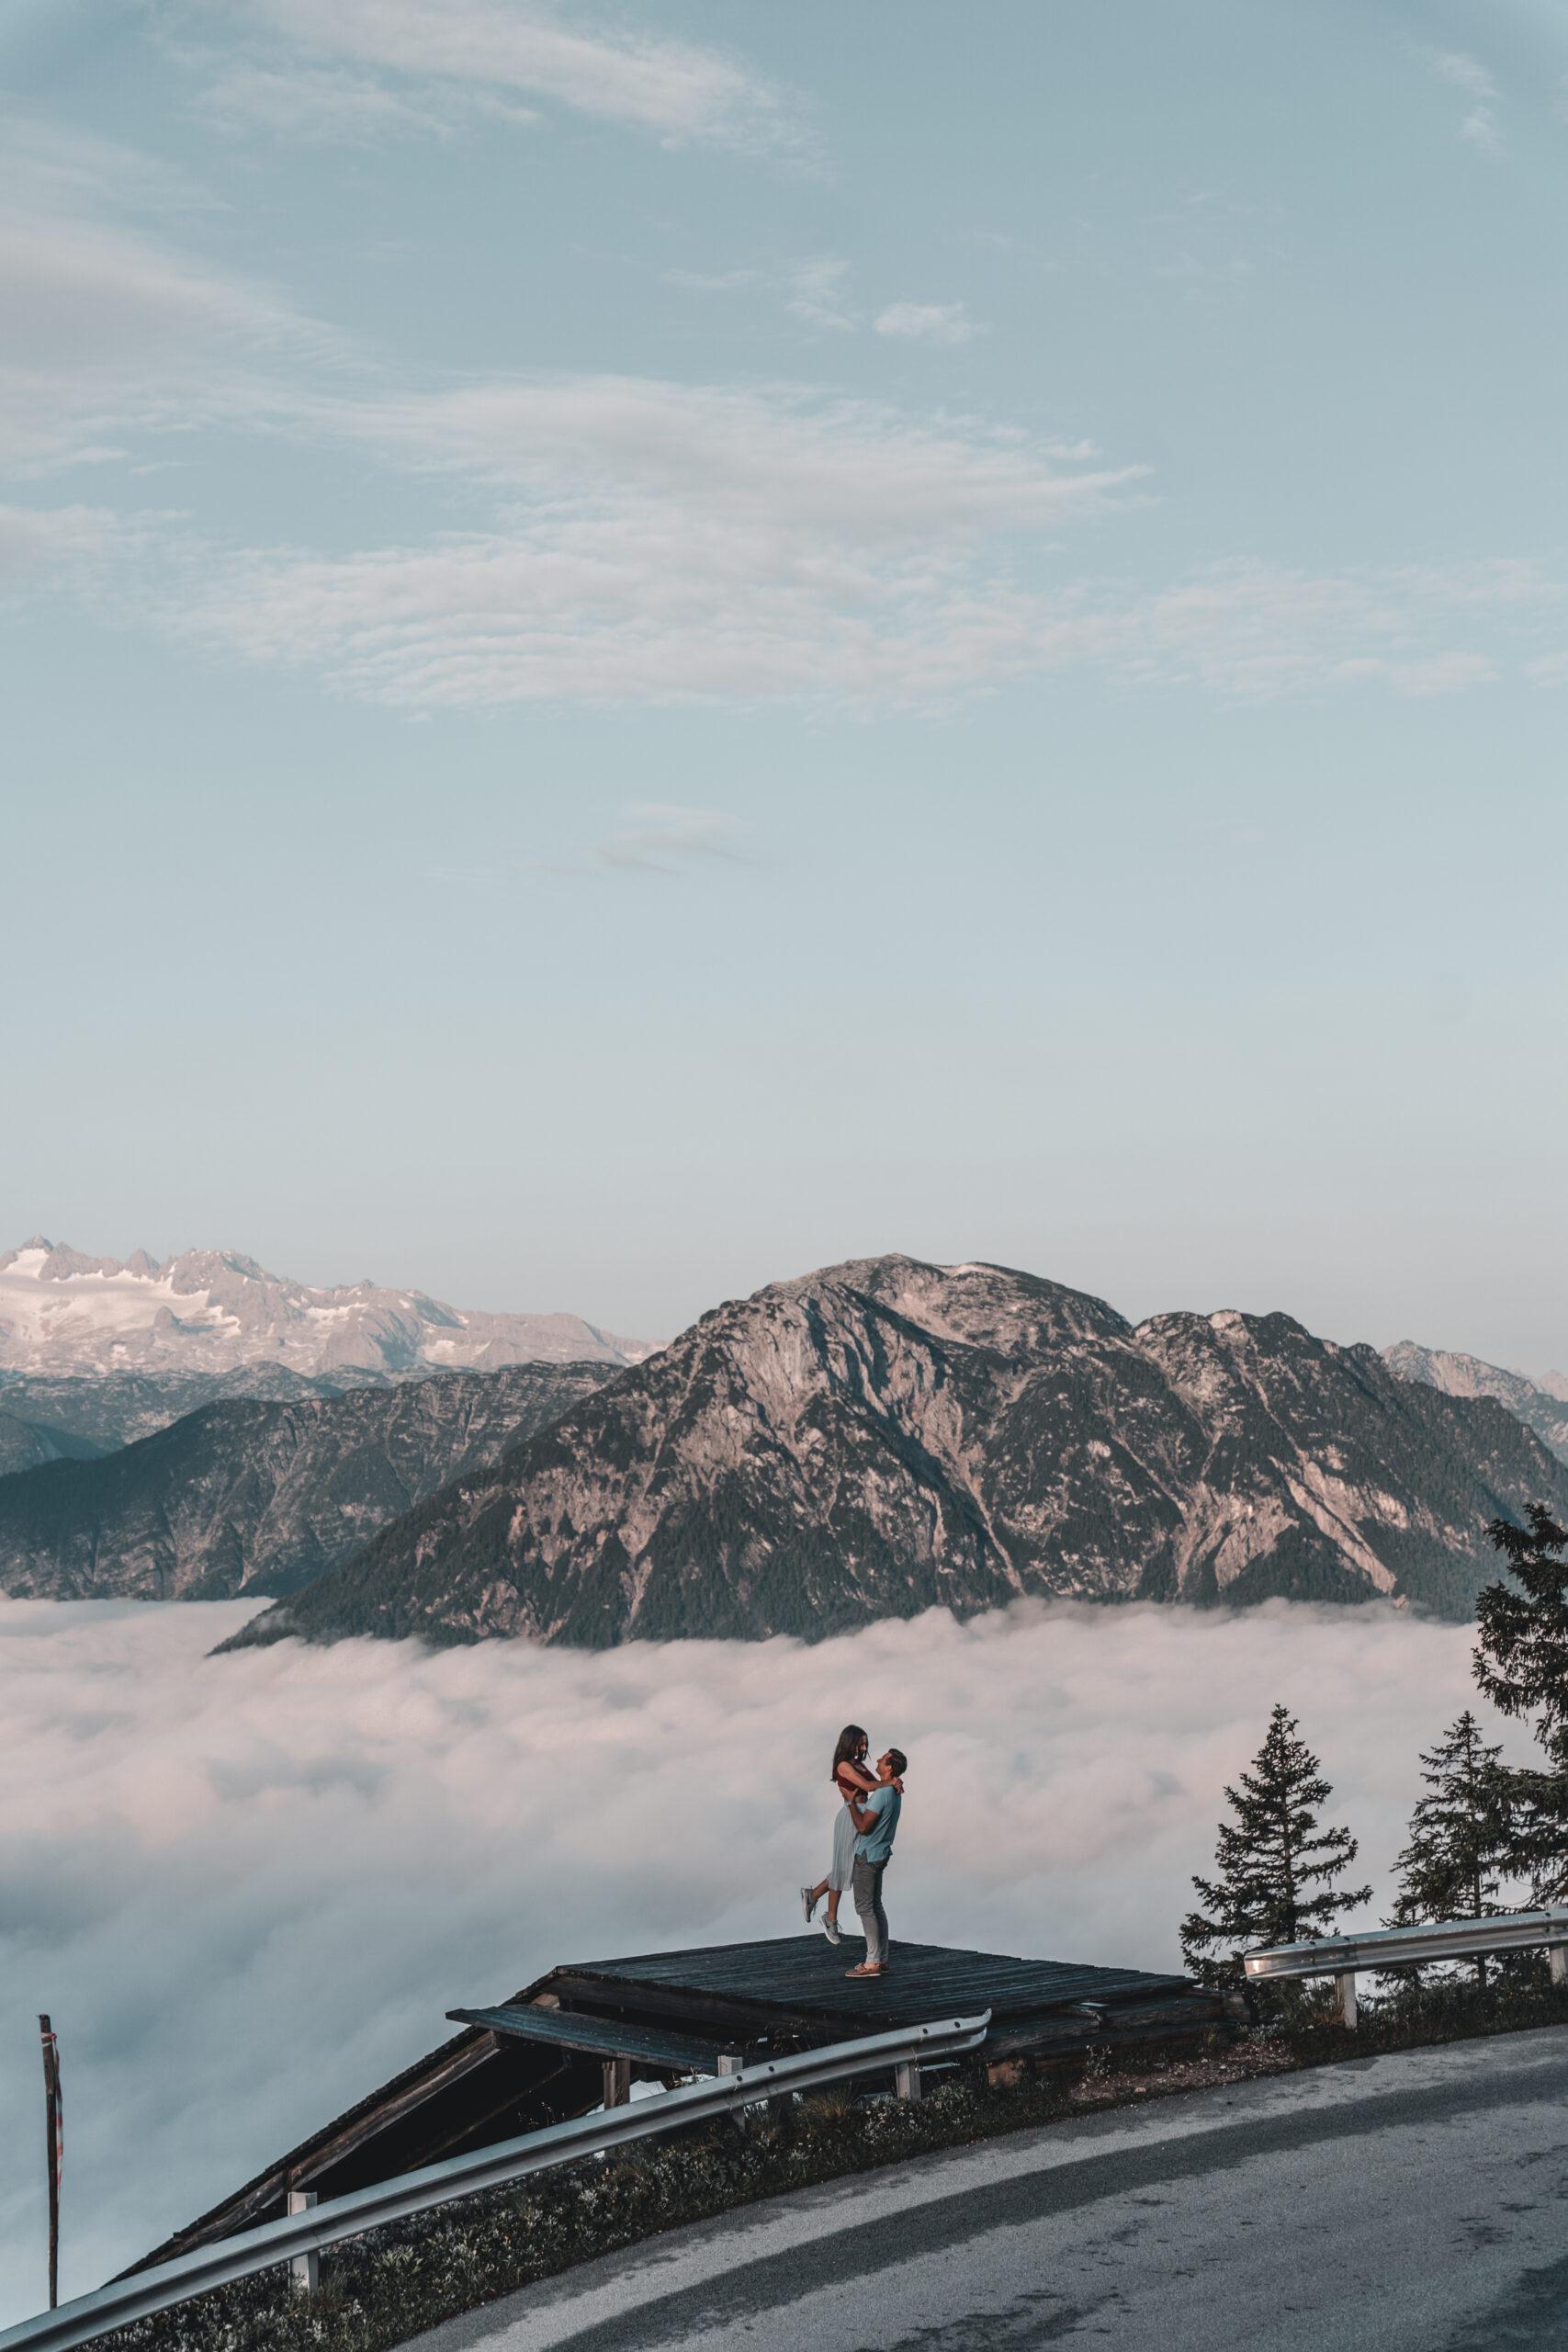 Above the clouds in Austria